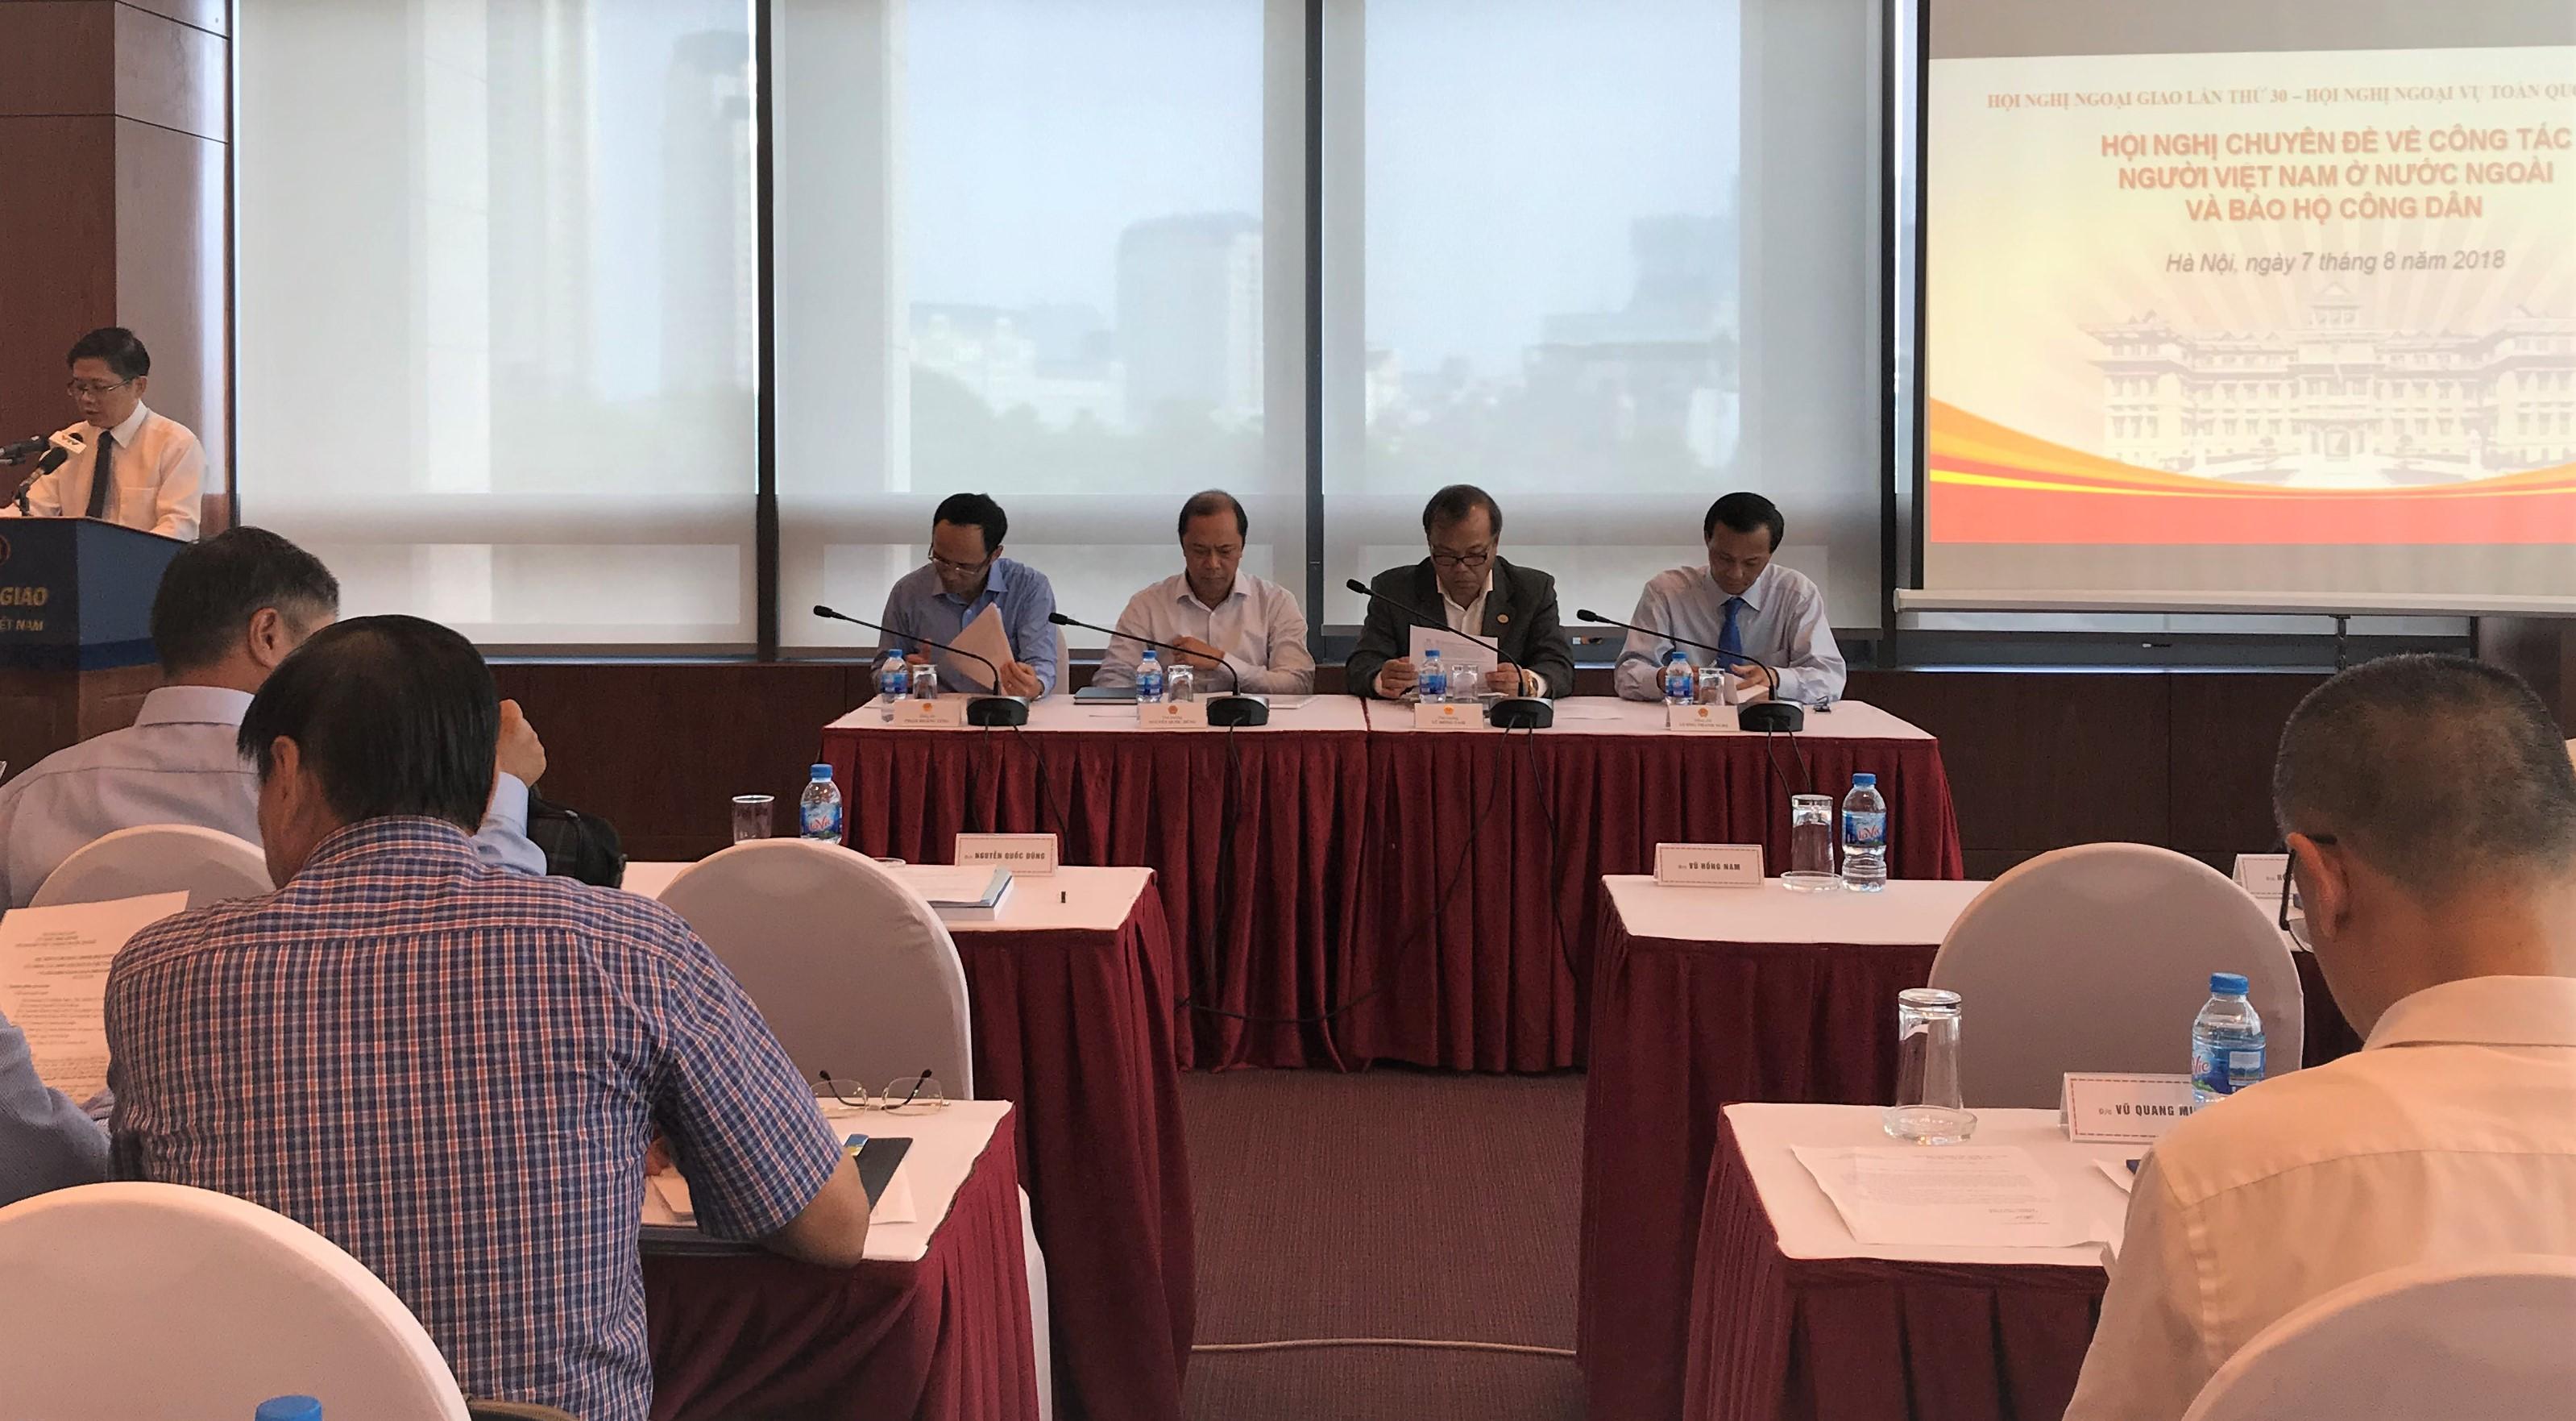 Nâng cao hiệu quả công tác về người Việt Nam ở nước ngoài và bảo hộ công dân